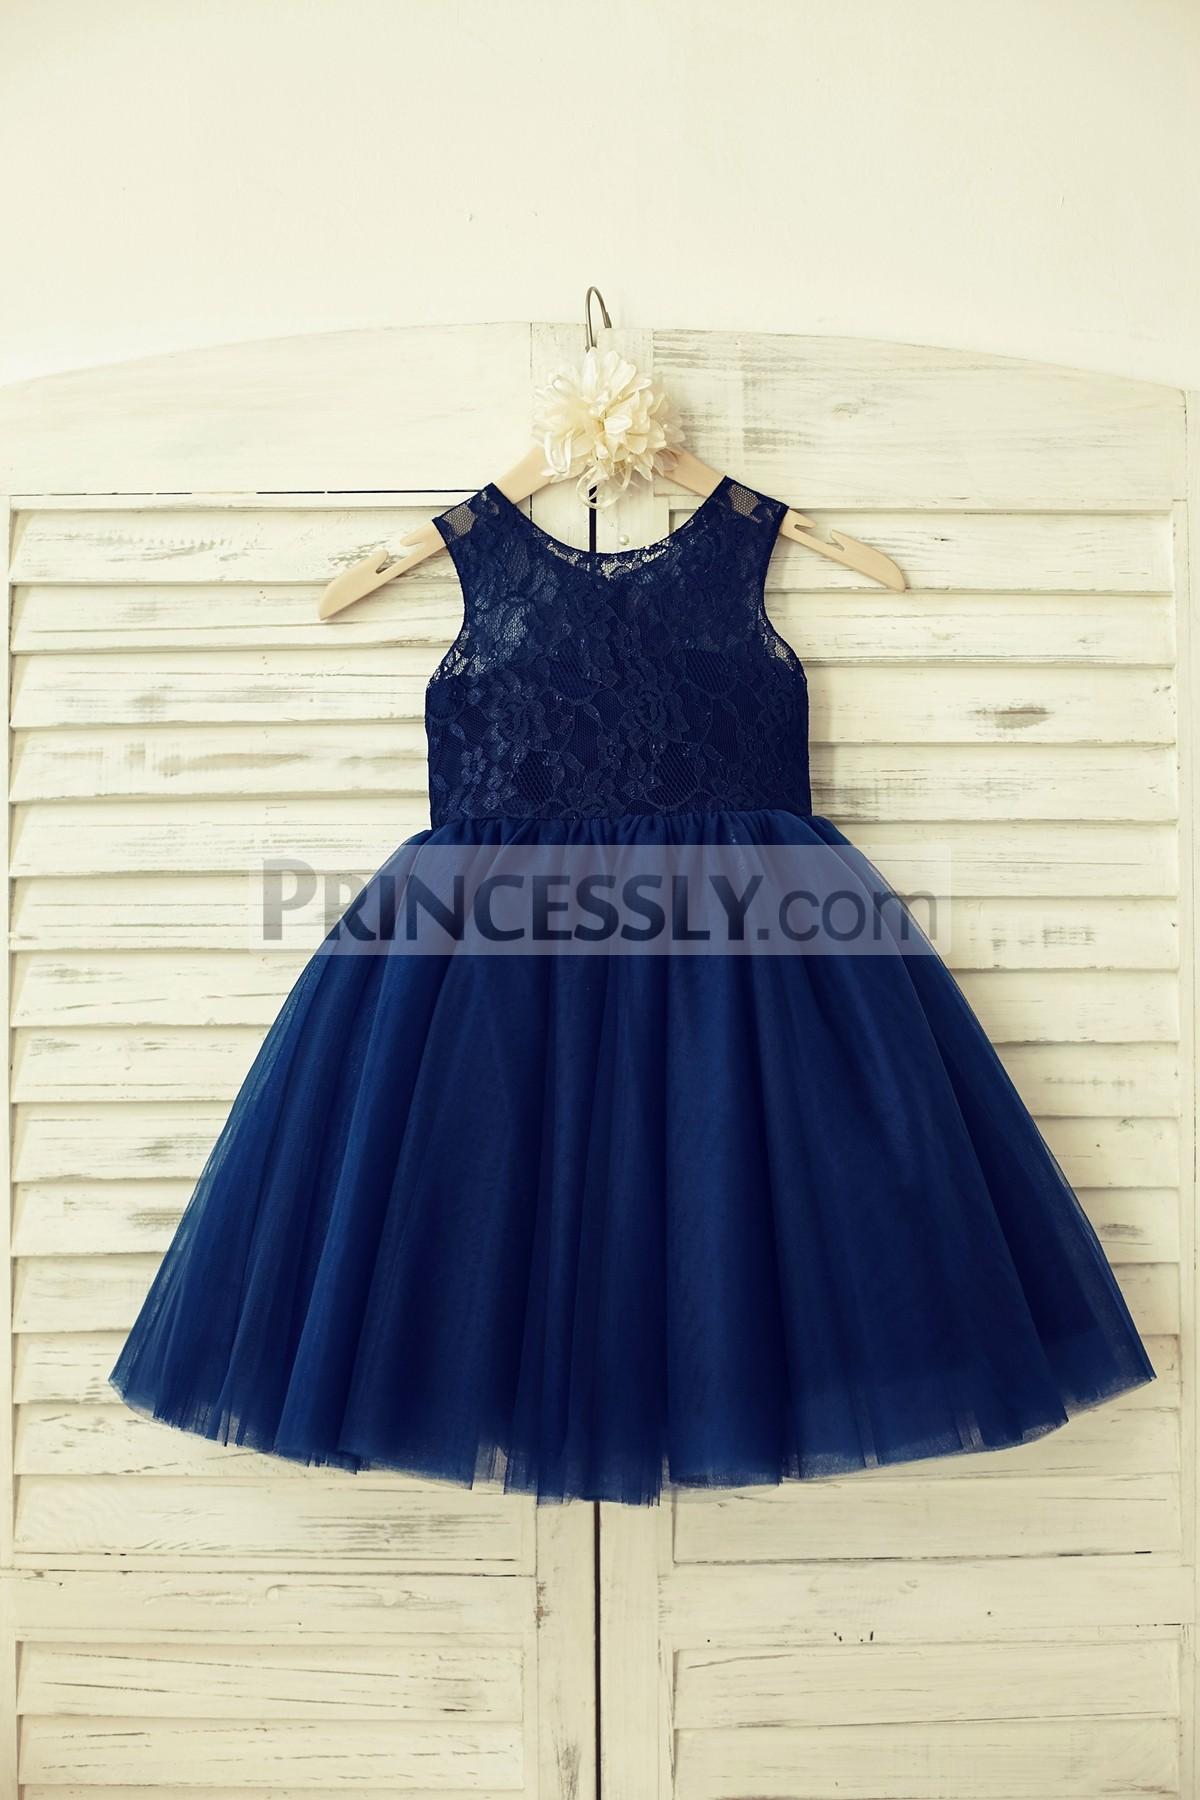 Princessly.com-K1000129-Sheer Neck Navy Blue Lace Tulle Flower Girl Dress-31